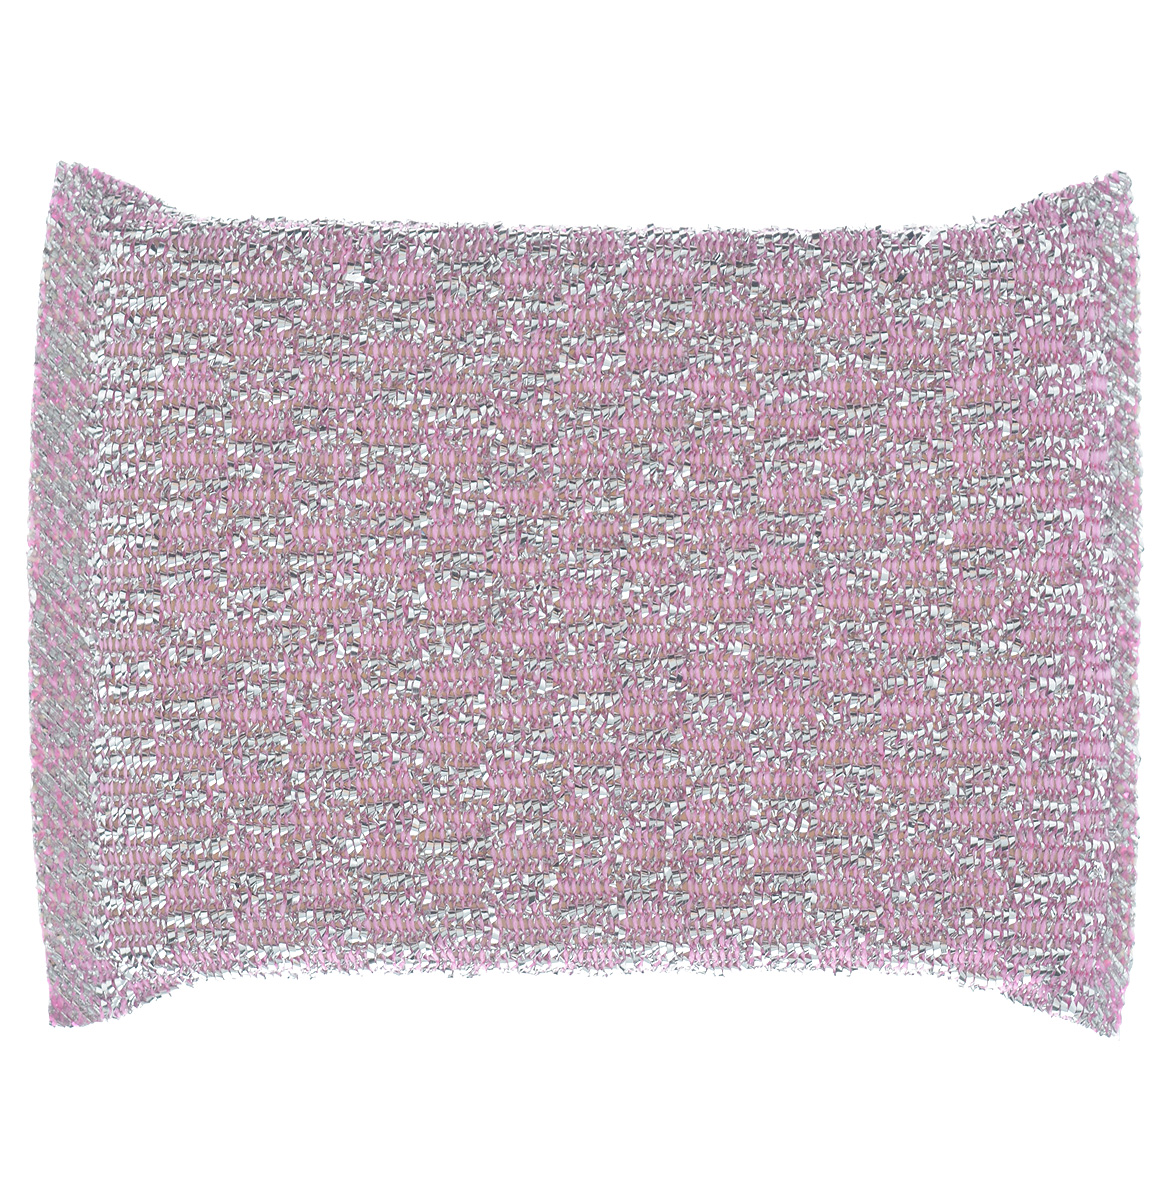 Губка для мытья посуды Home Queen, с металлизированной нитью, цвет: розовый губка для мытья посуды фозет мини соты 2 шт